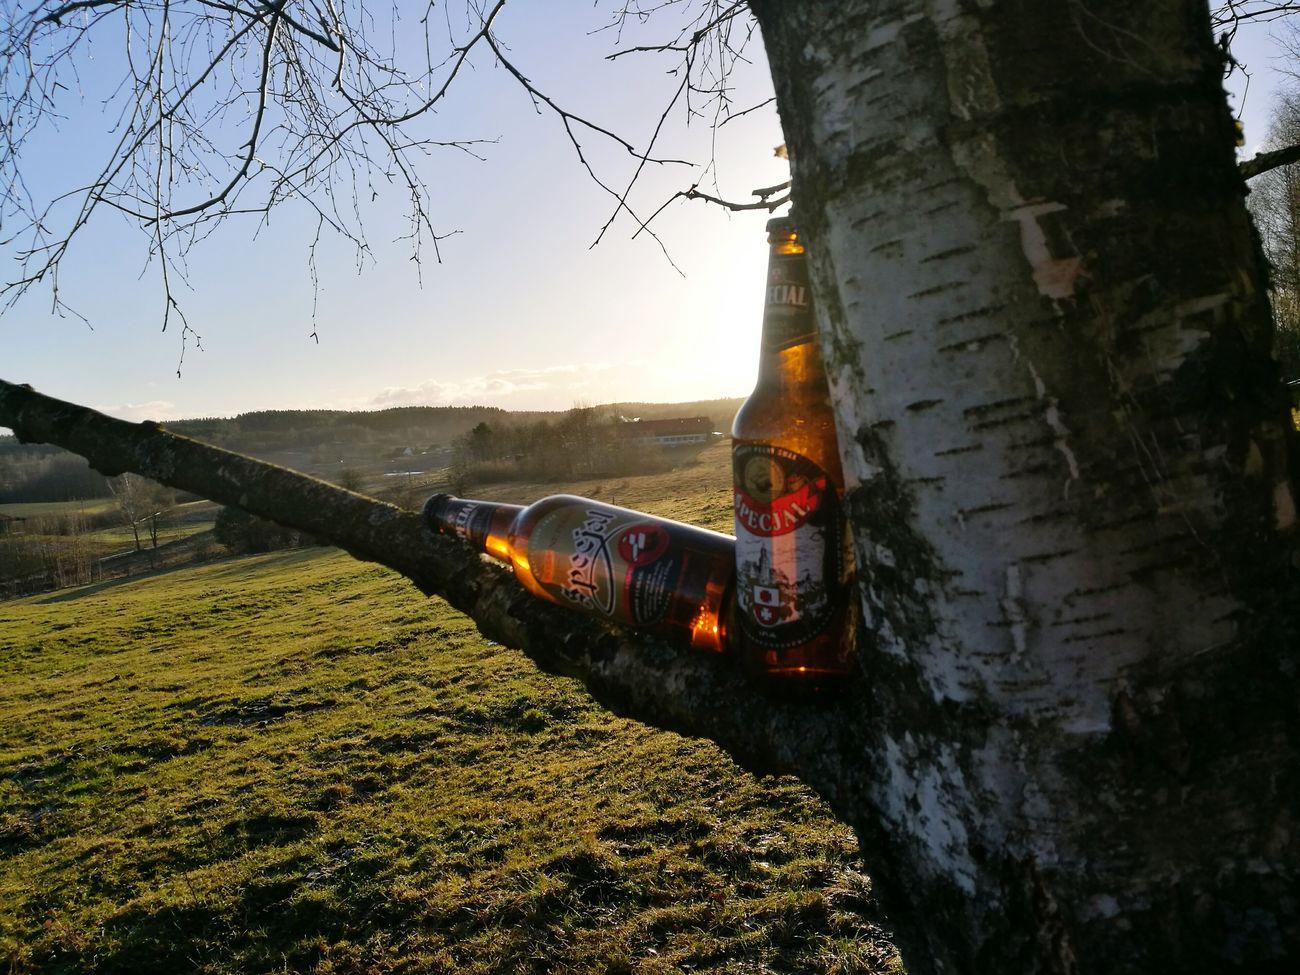 Tree Nature No People Beer Giławy Specjal Sunny Warmia, Kochamy.warmie, Warmia_fotograficznie, Warminsko-mazurskie, Mazury, Poland Warmia